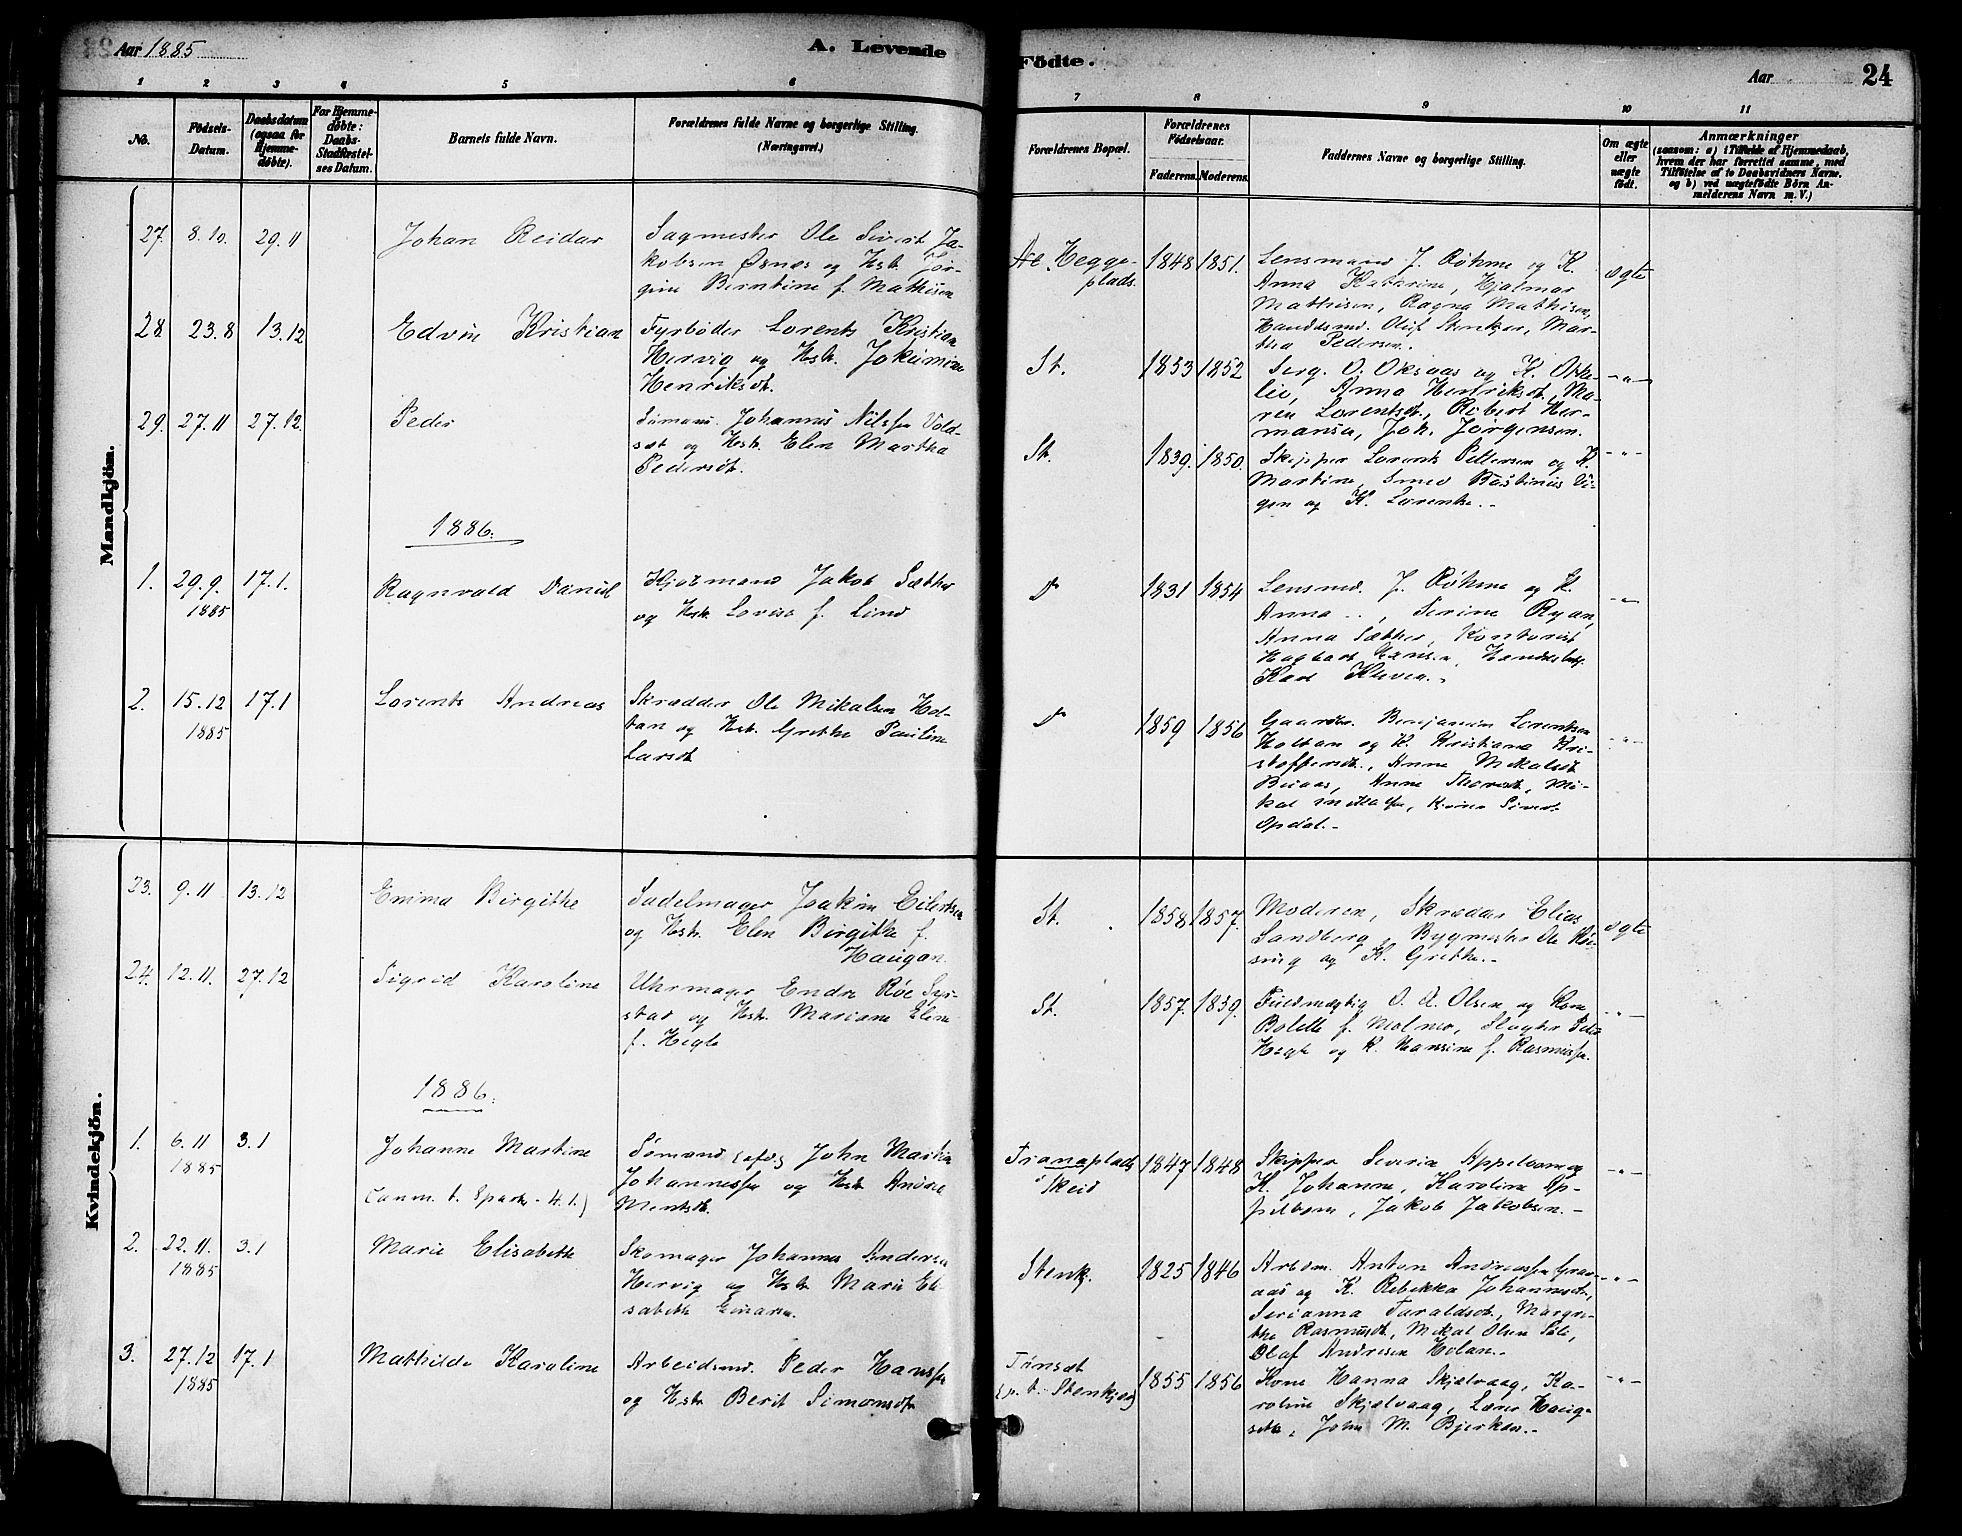 SAT, Ministerialprotokoller, klokkerbøker og fødselsregistre - Nord-Trøndelag, 739/L0371: Ministerialbok nr. 739A03, 1881-1895, s. 24